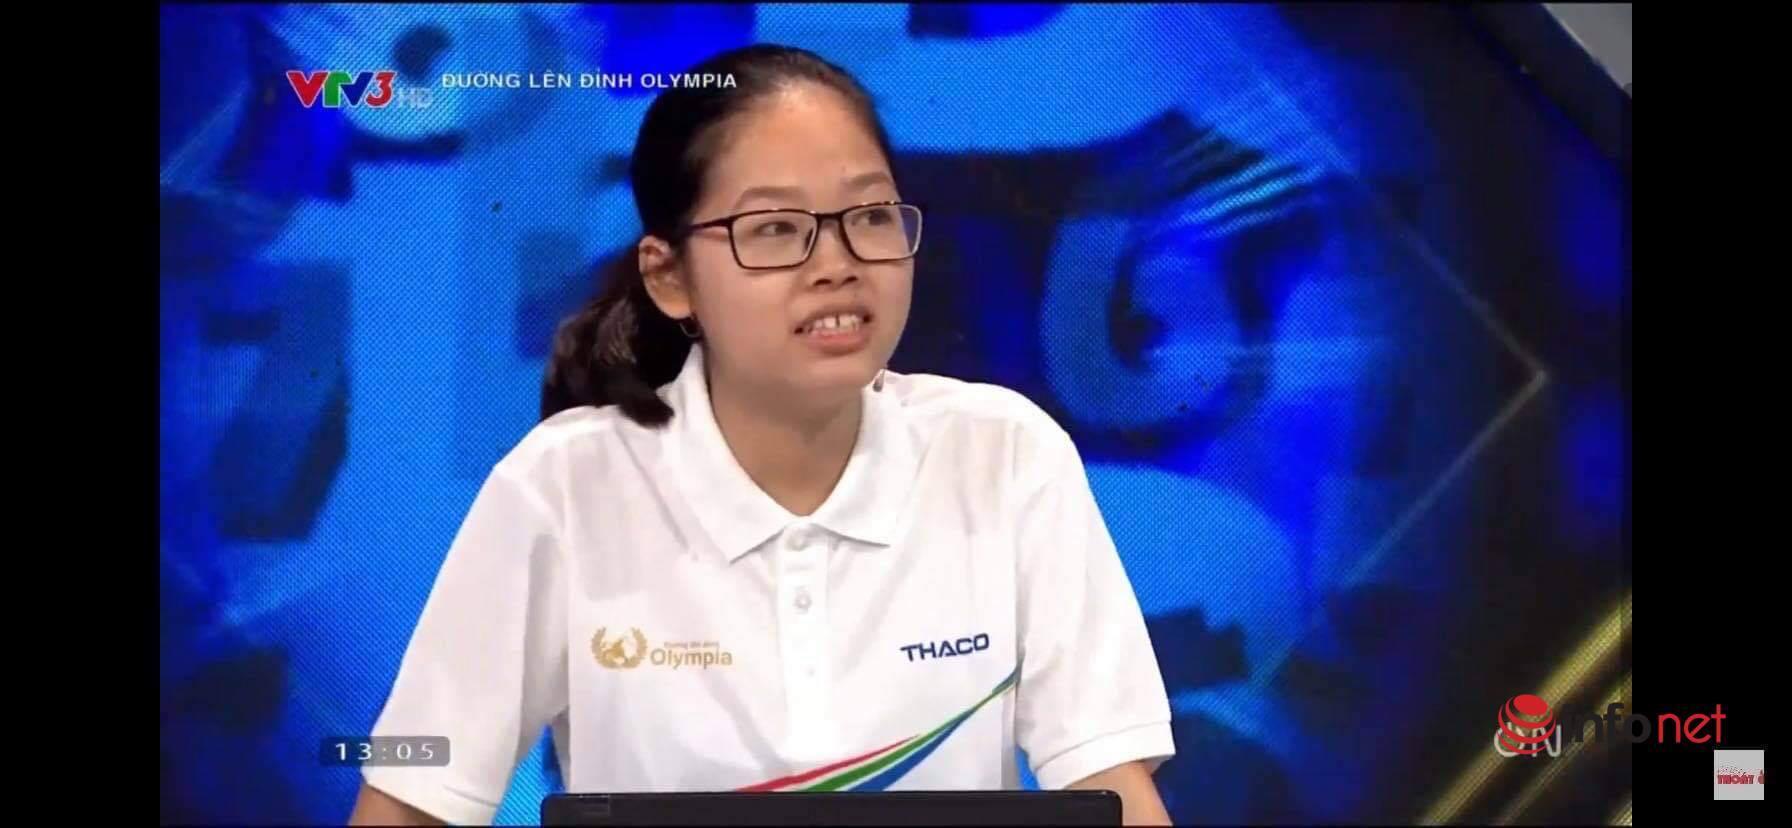 Nữ sinh Hà Nội cùng lúc chạm 2 kỉ lục Đường lên đỉnh Olympia